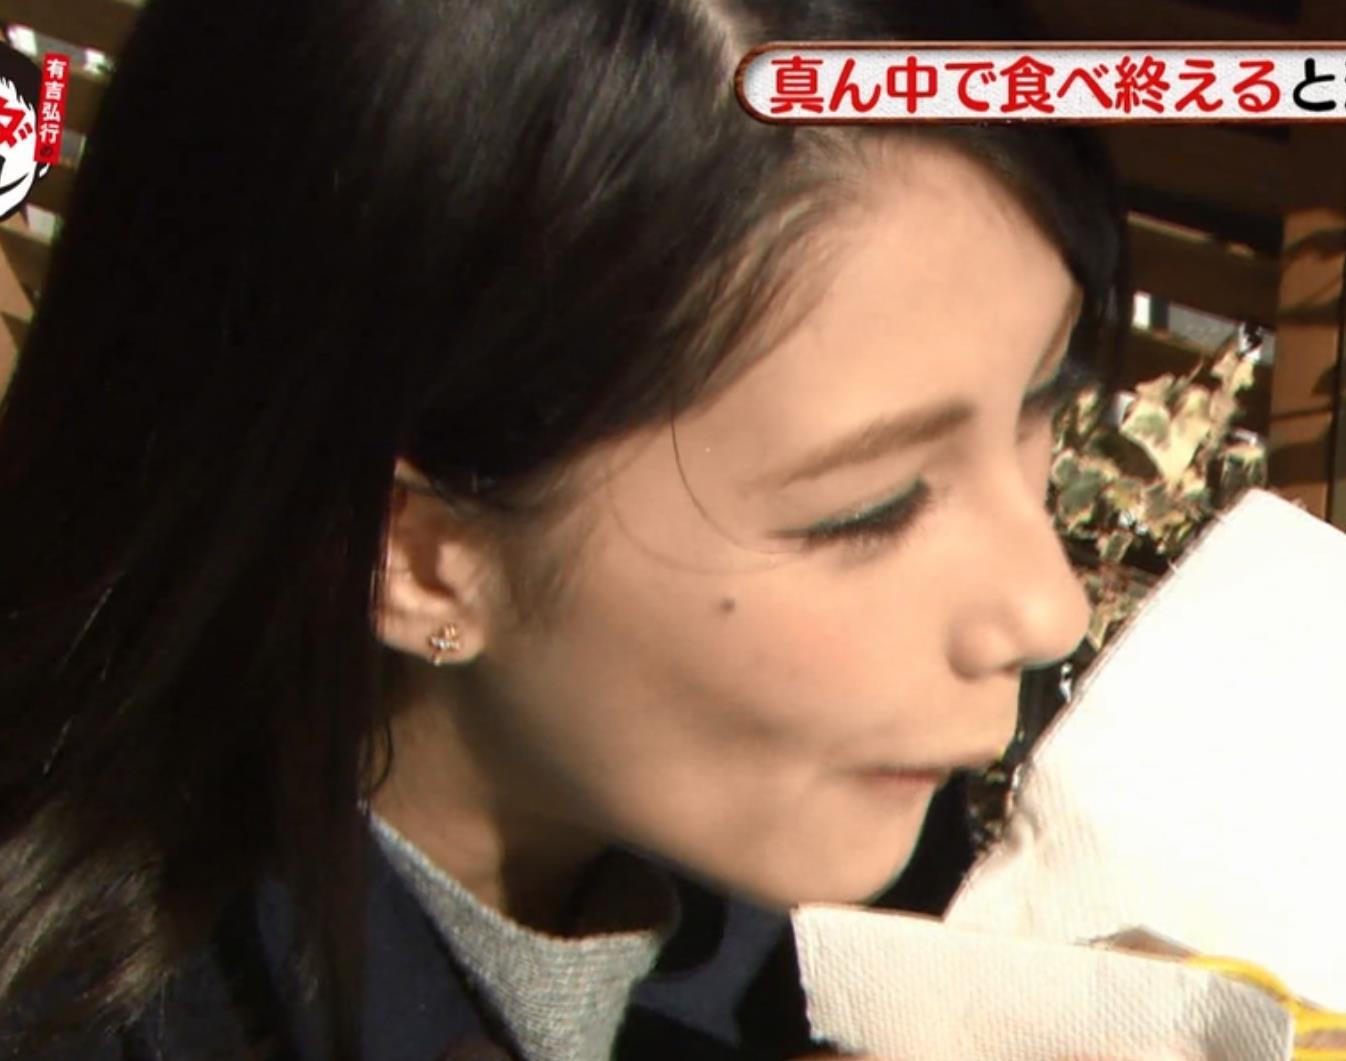 ダレノガレ明美 肉棒をくわえてるキャプ・エロ画像8